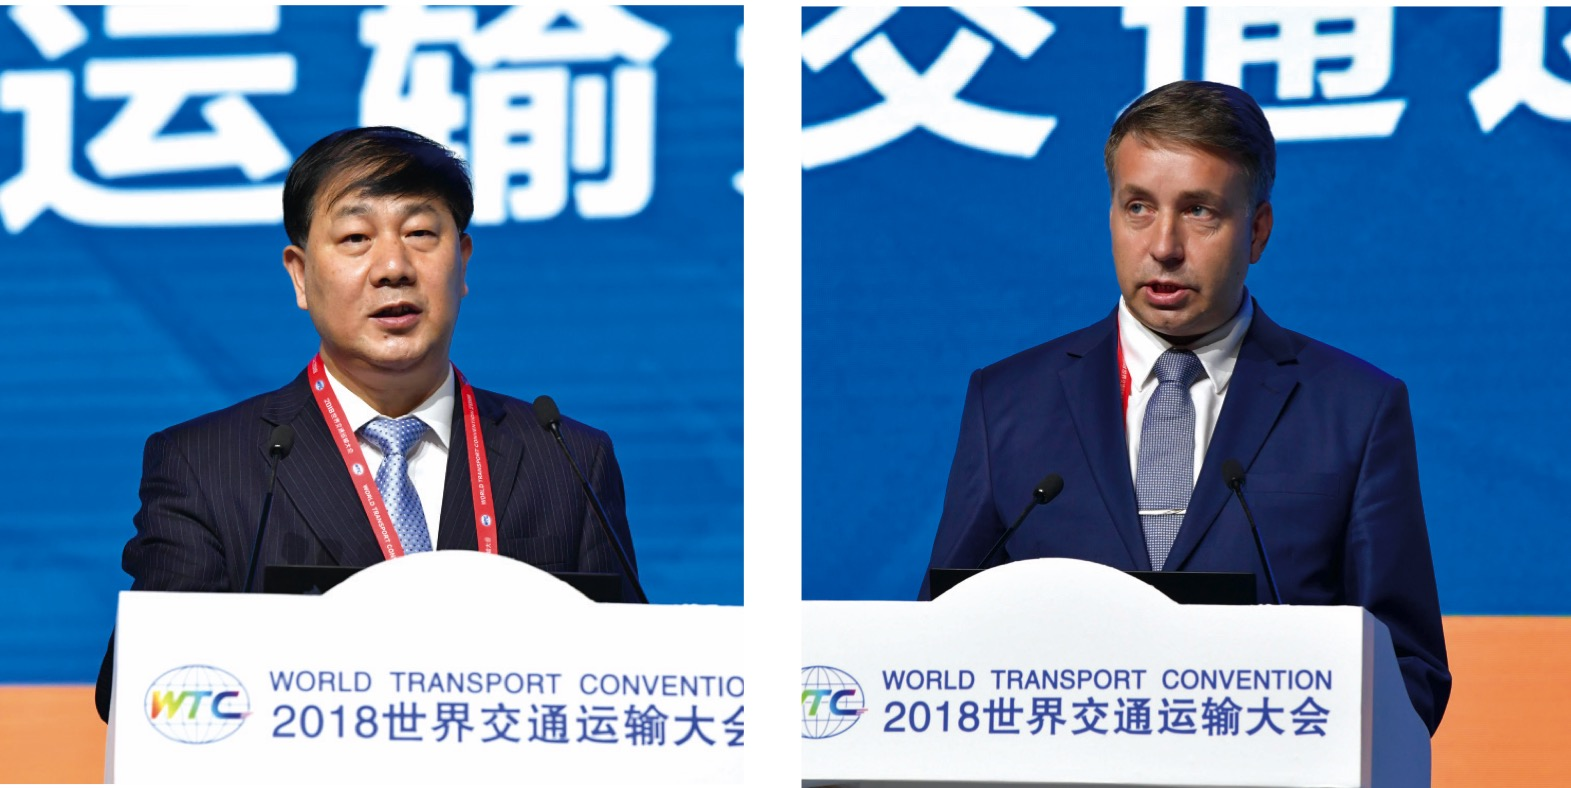 WTC再卷智能风暴――2018世界交通运输大会在北京隆重举行(《中国交通信息化》王涛编辑发布)